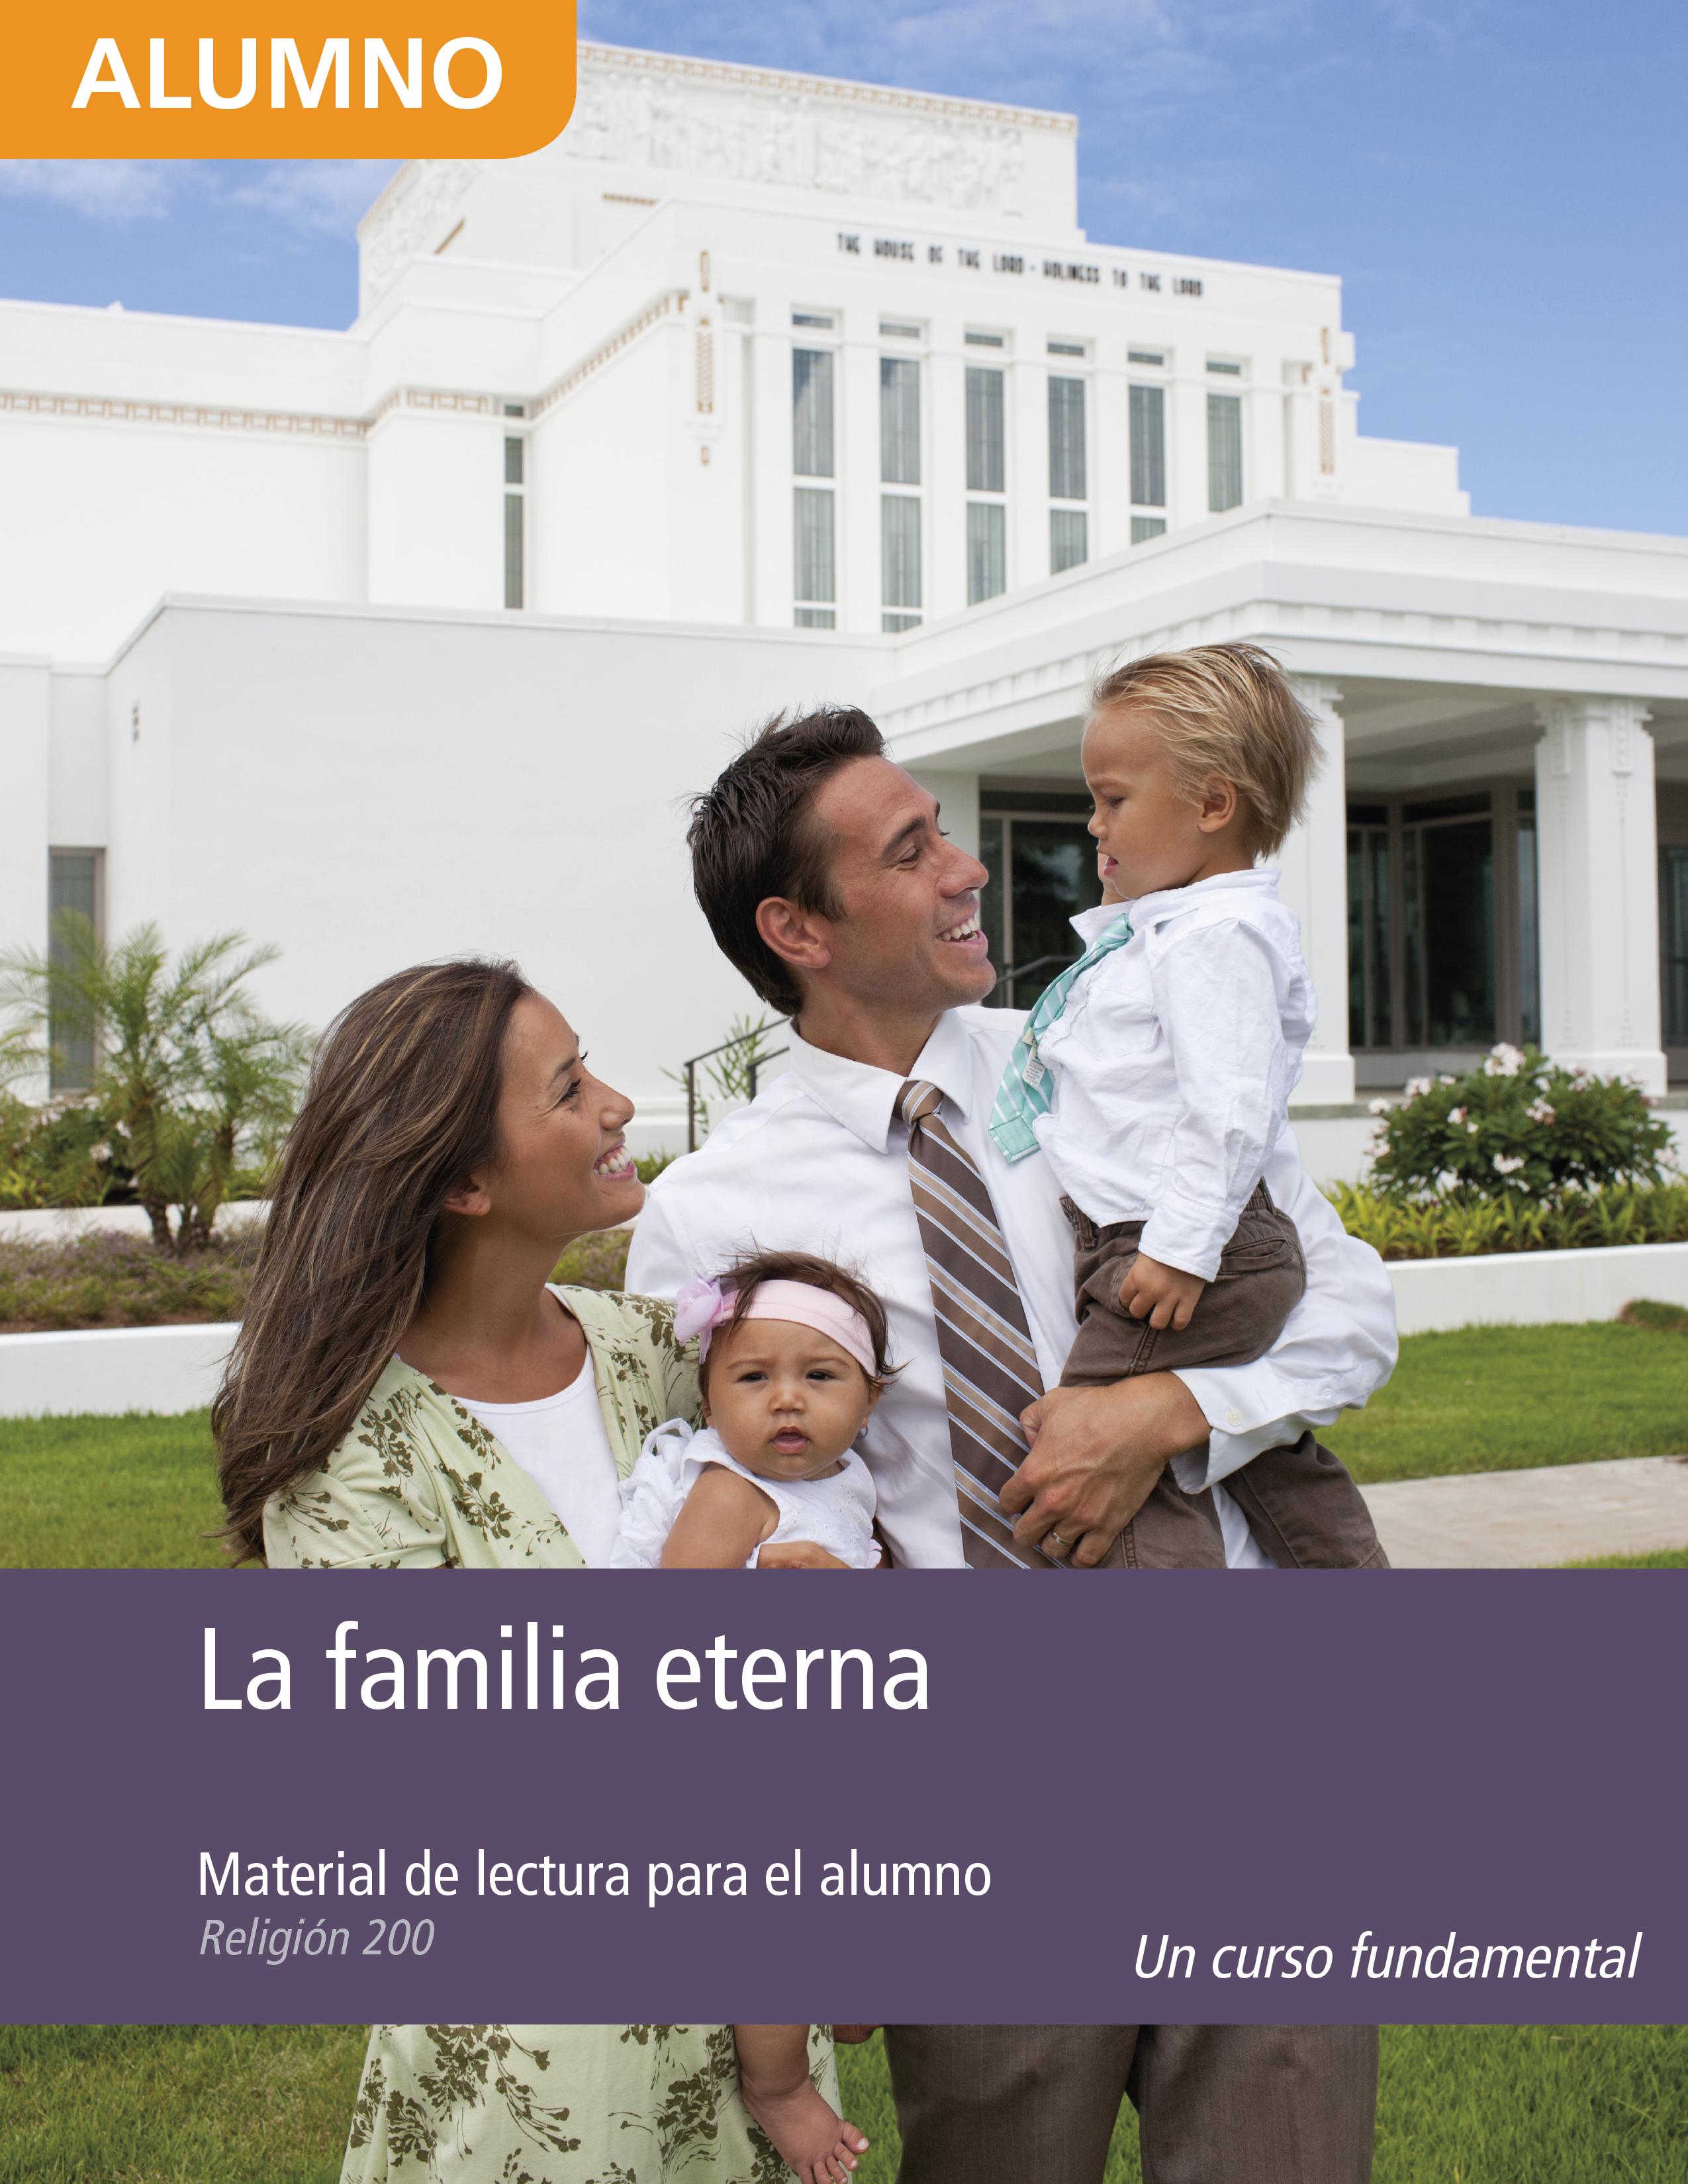 La familia eterna: Lecturas para el alumno (Religión 200)